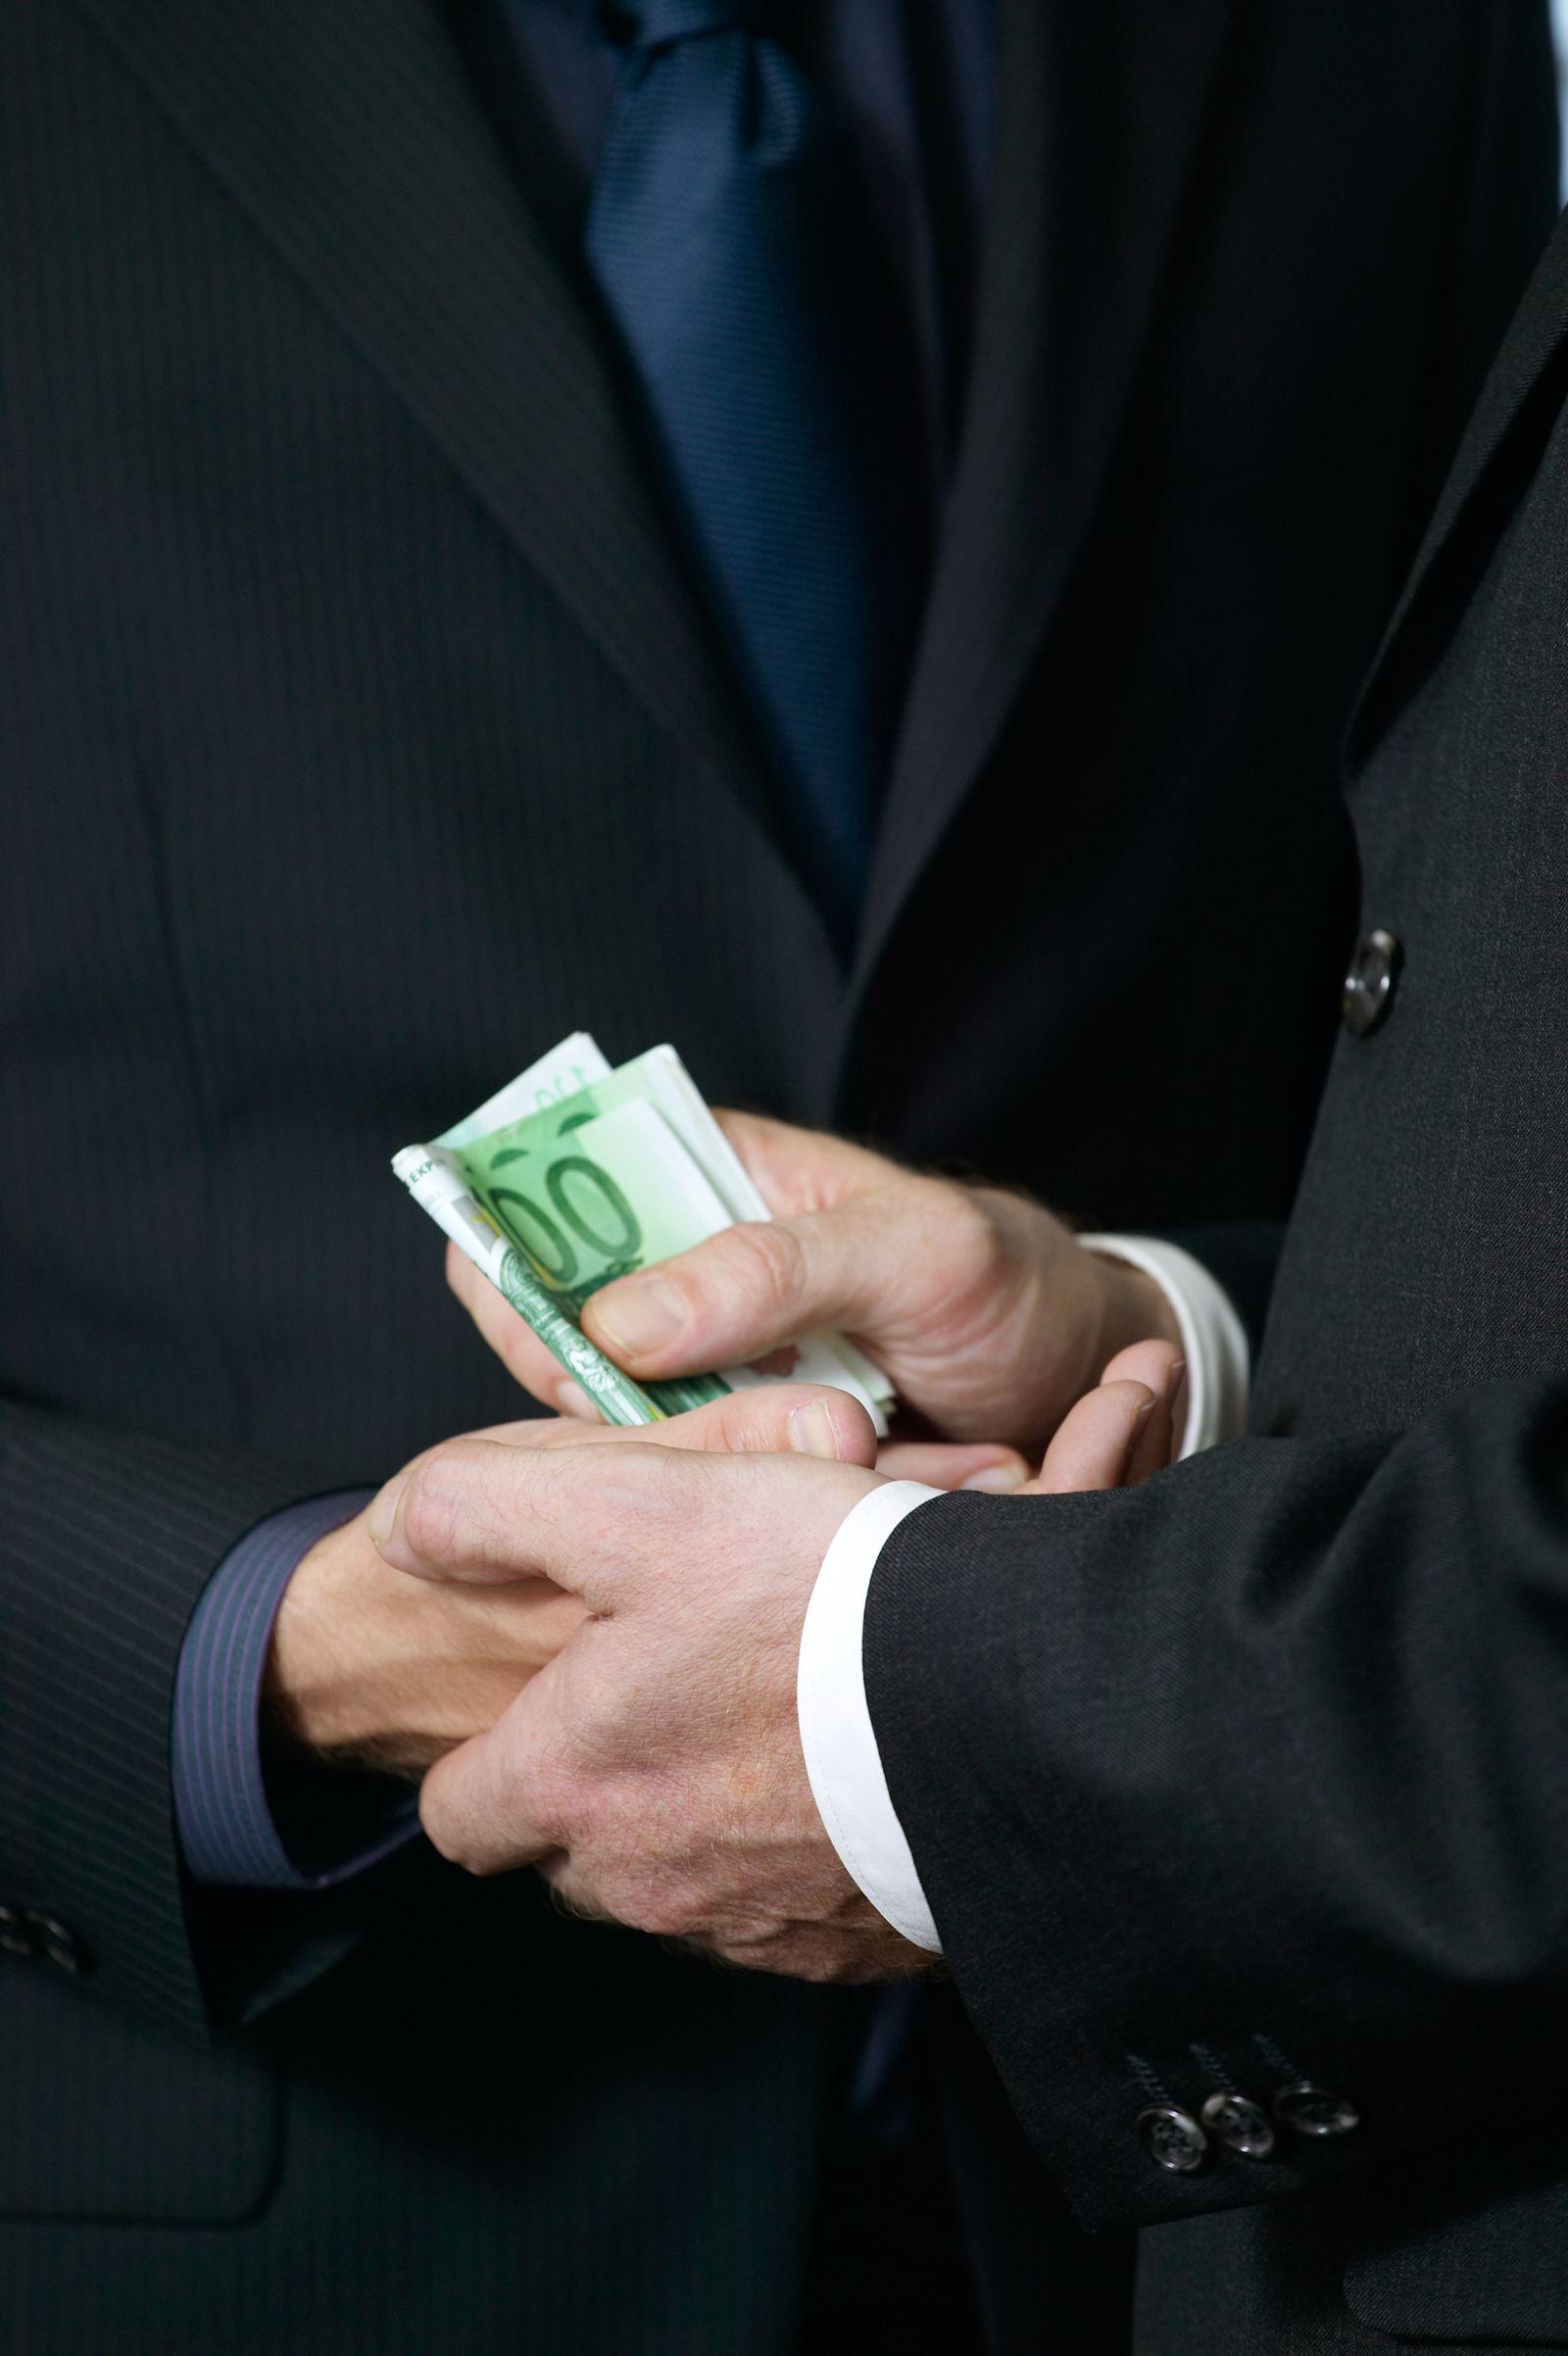 NICHT MEHR VERWENDEN! - Symbolbild Korruption